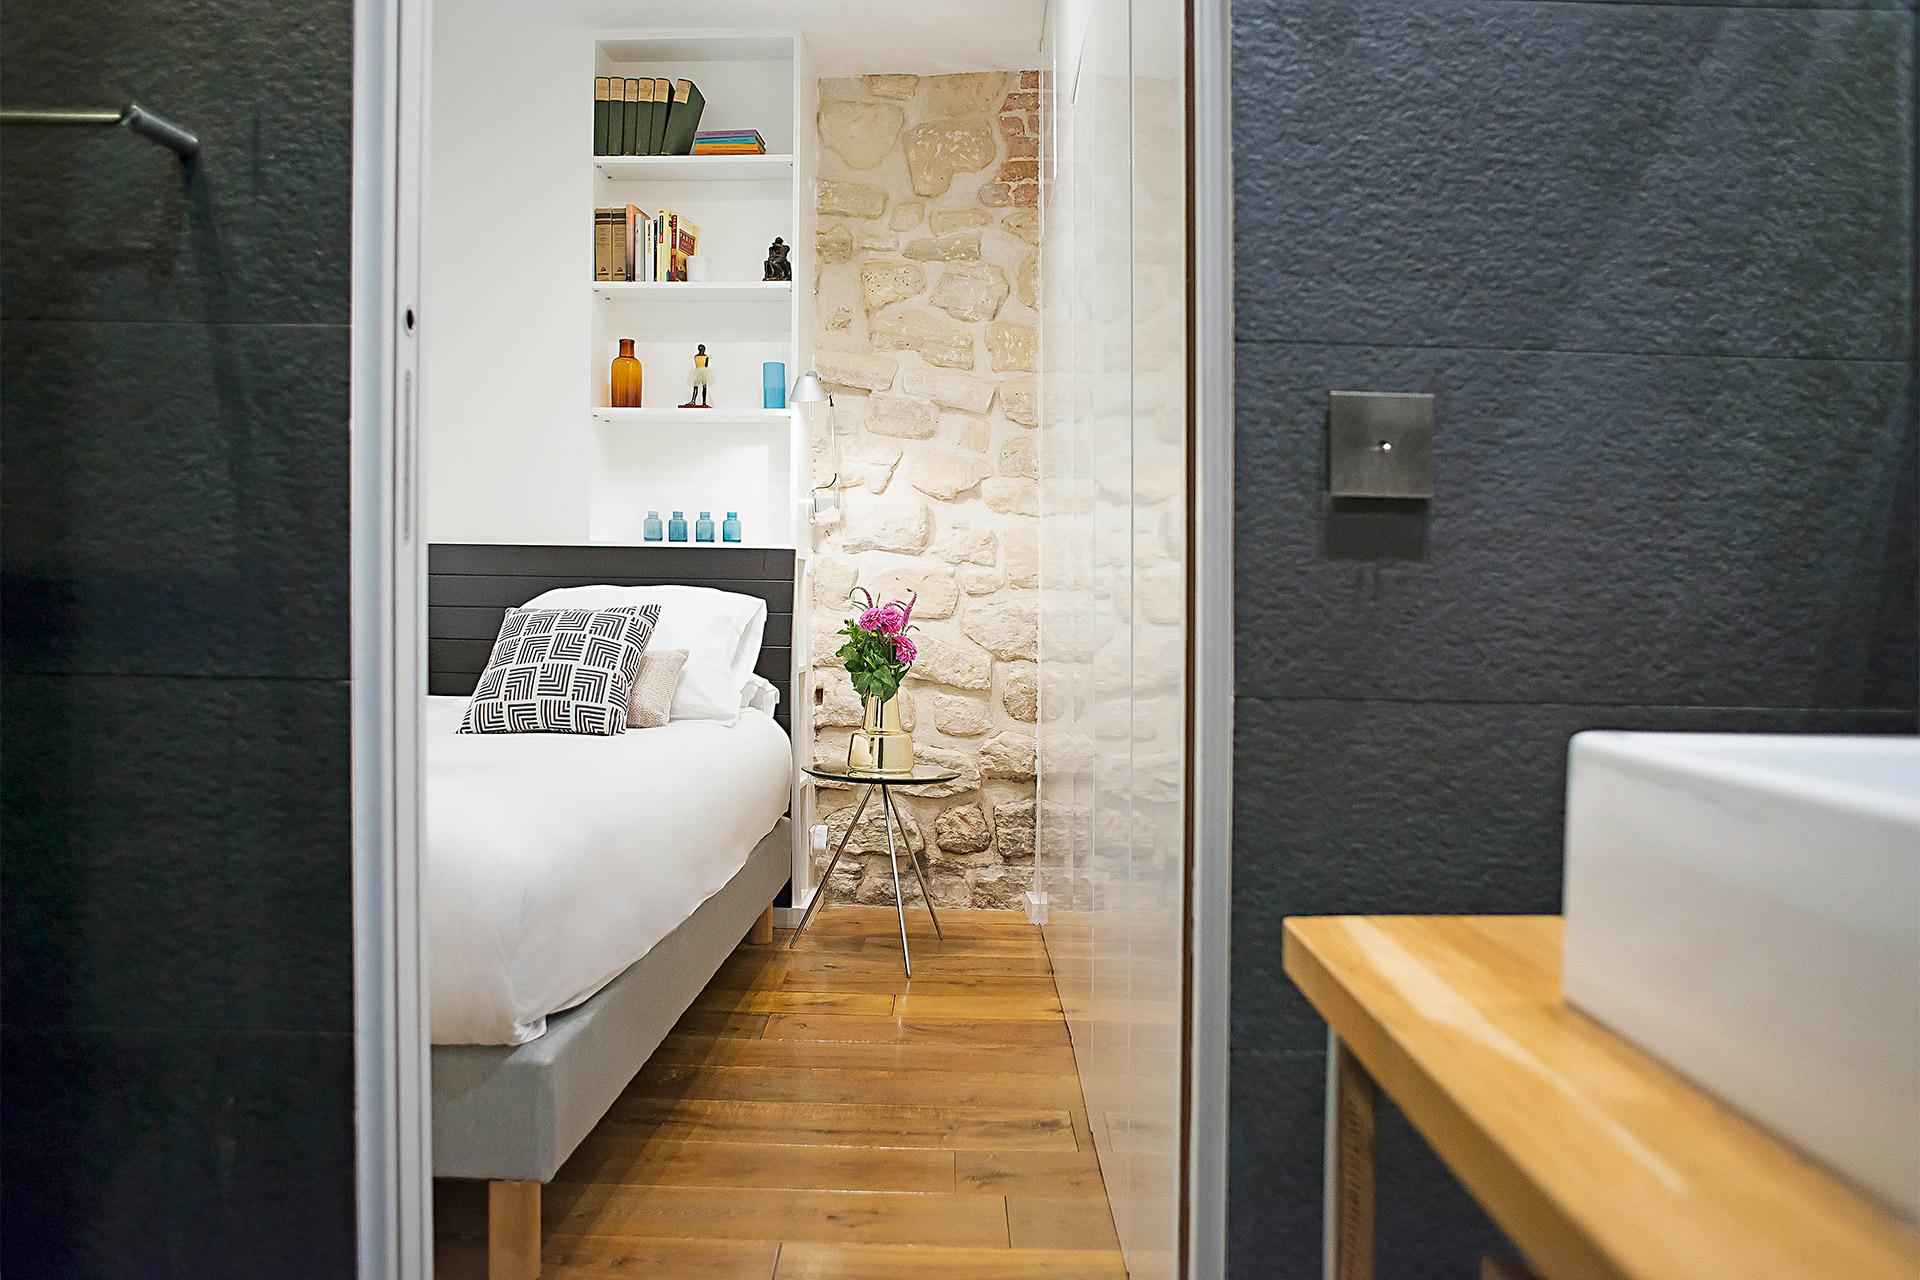 View from the en suite bathroom towards bedroom 1 in the Lascombes rental